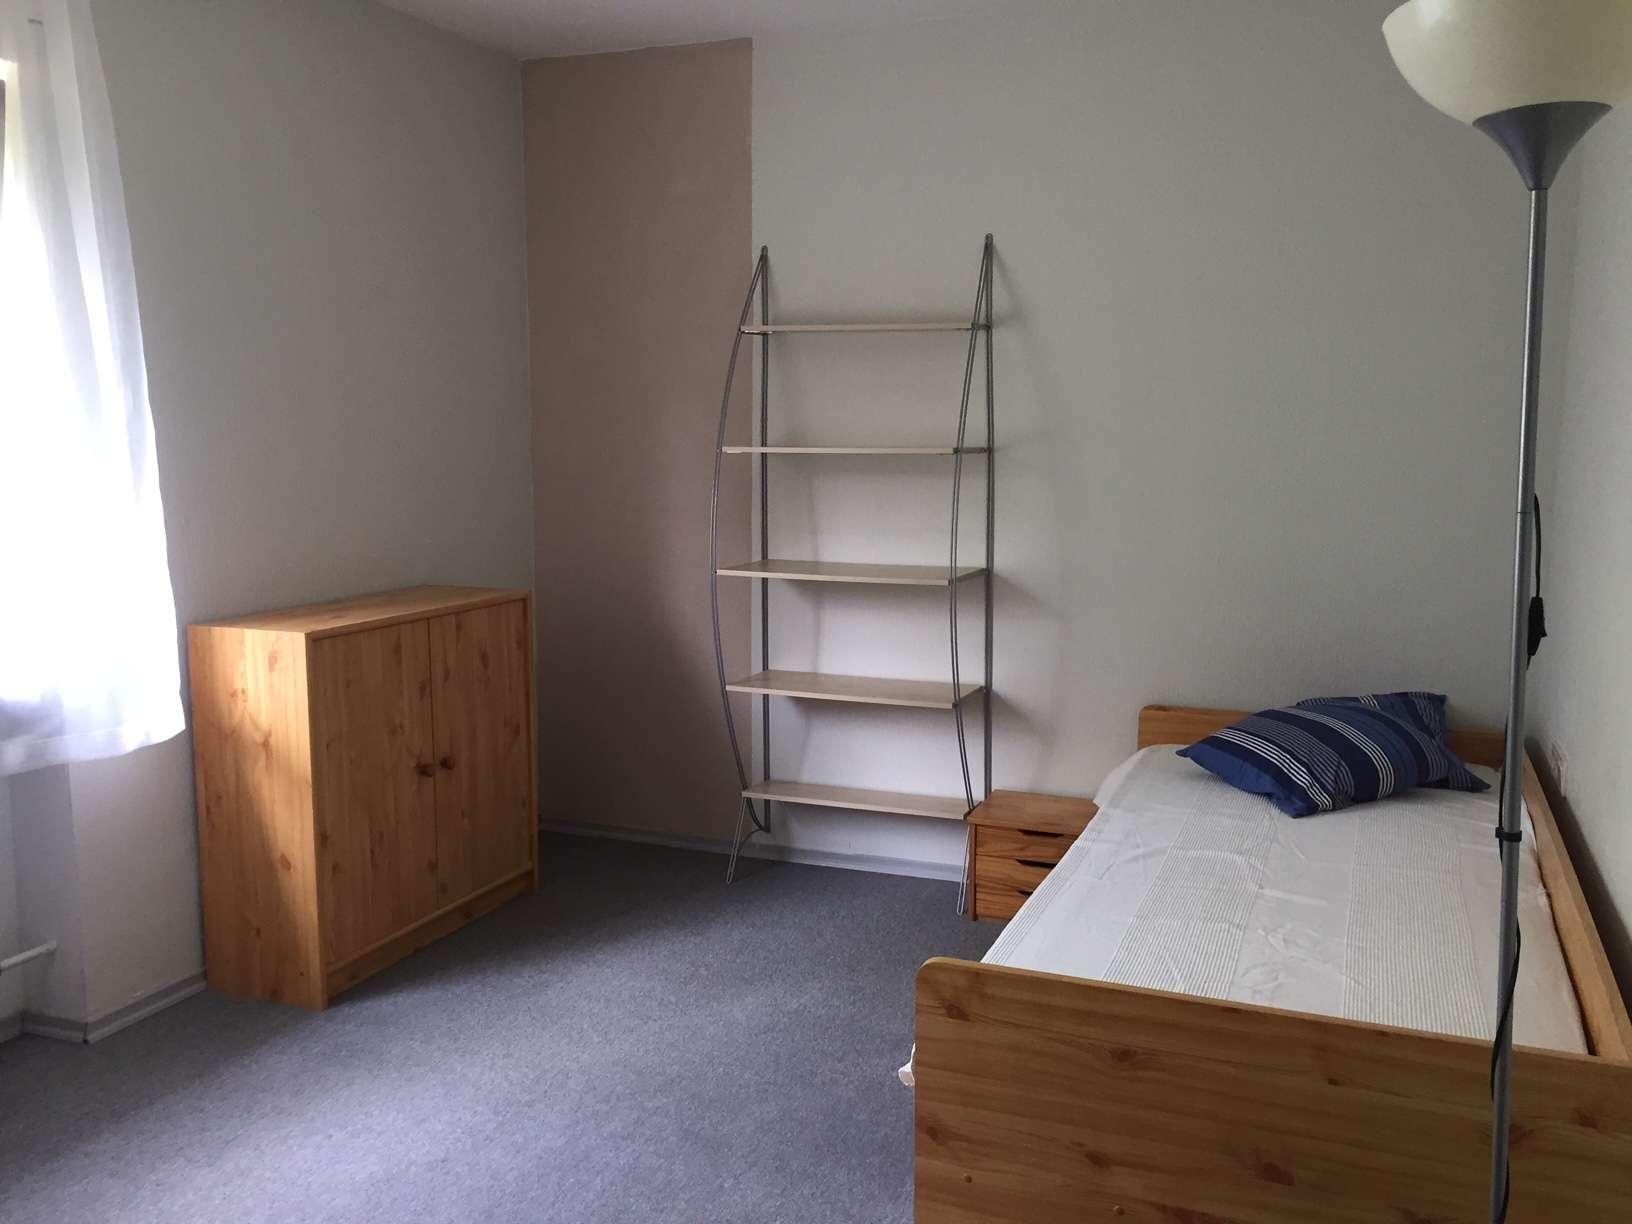 WG-Zimmer in großzügiger Wohnung zu vermieten in